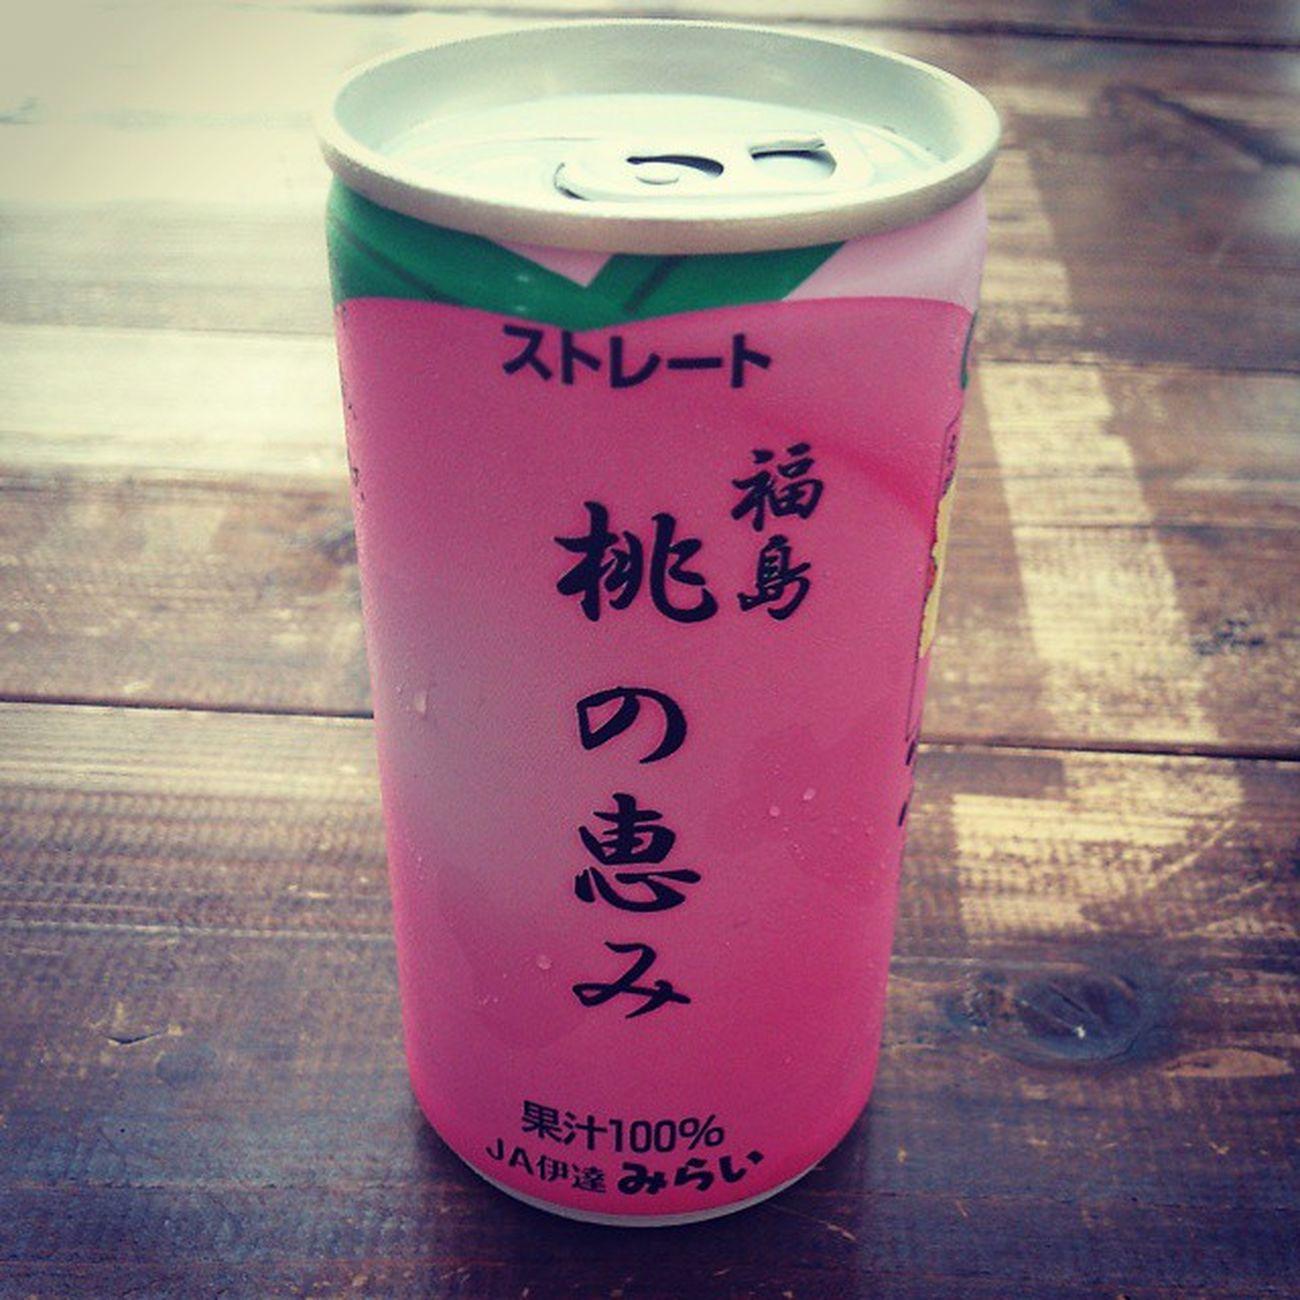 桃食べよるみたい 桃 福島 100 % ジュース JA伊達